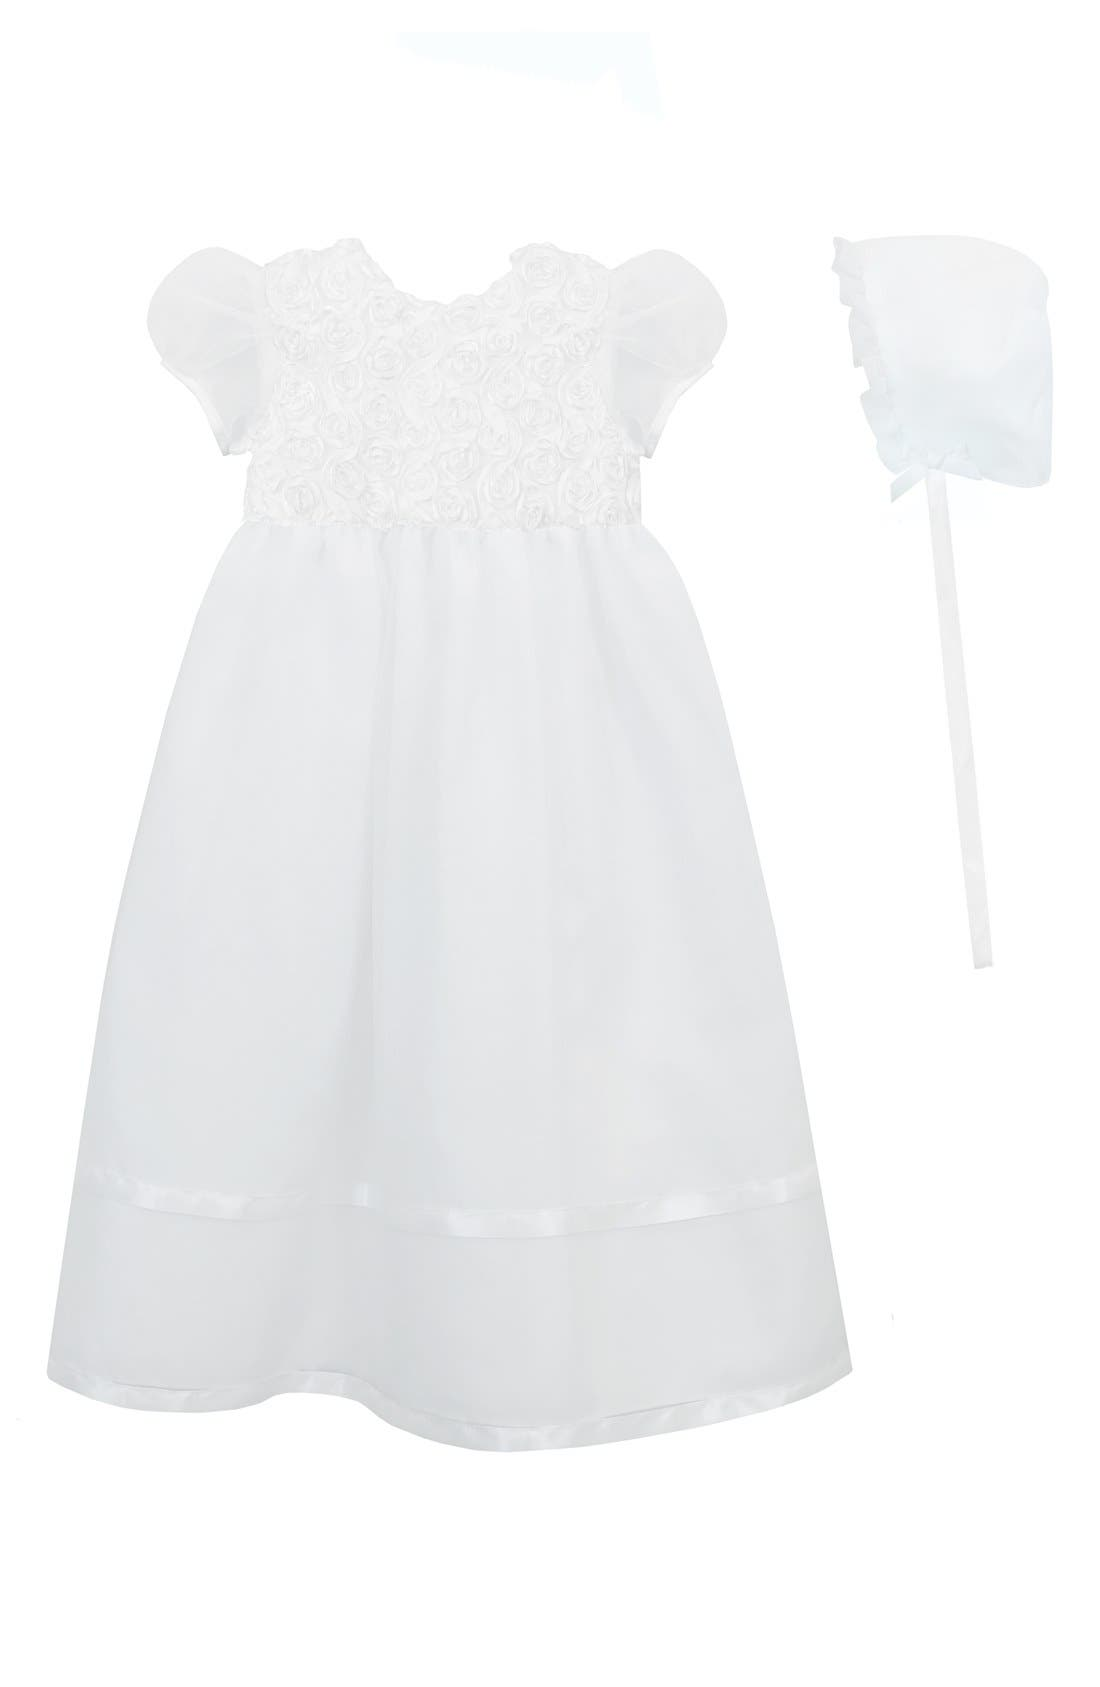 Christening Gown & Bonnet,                             Main thumbnail 1, color,                             White